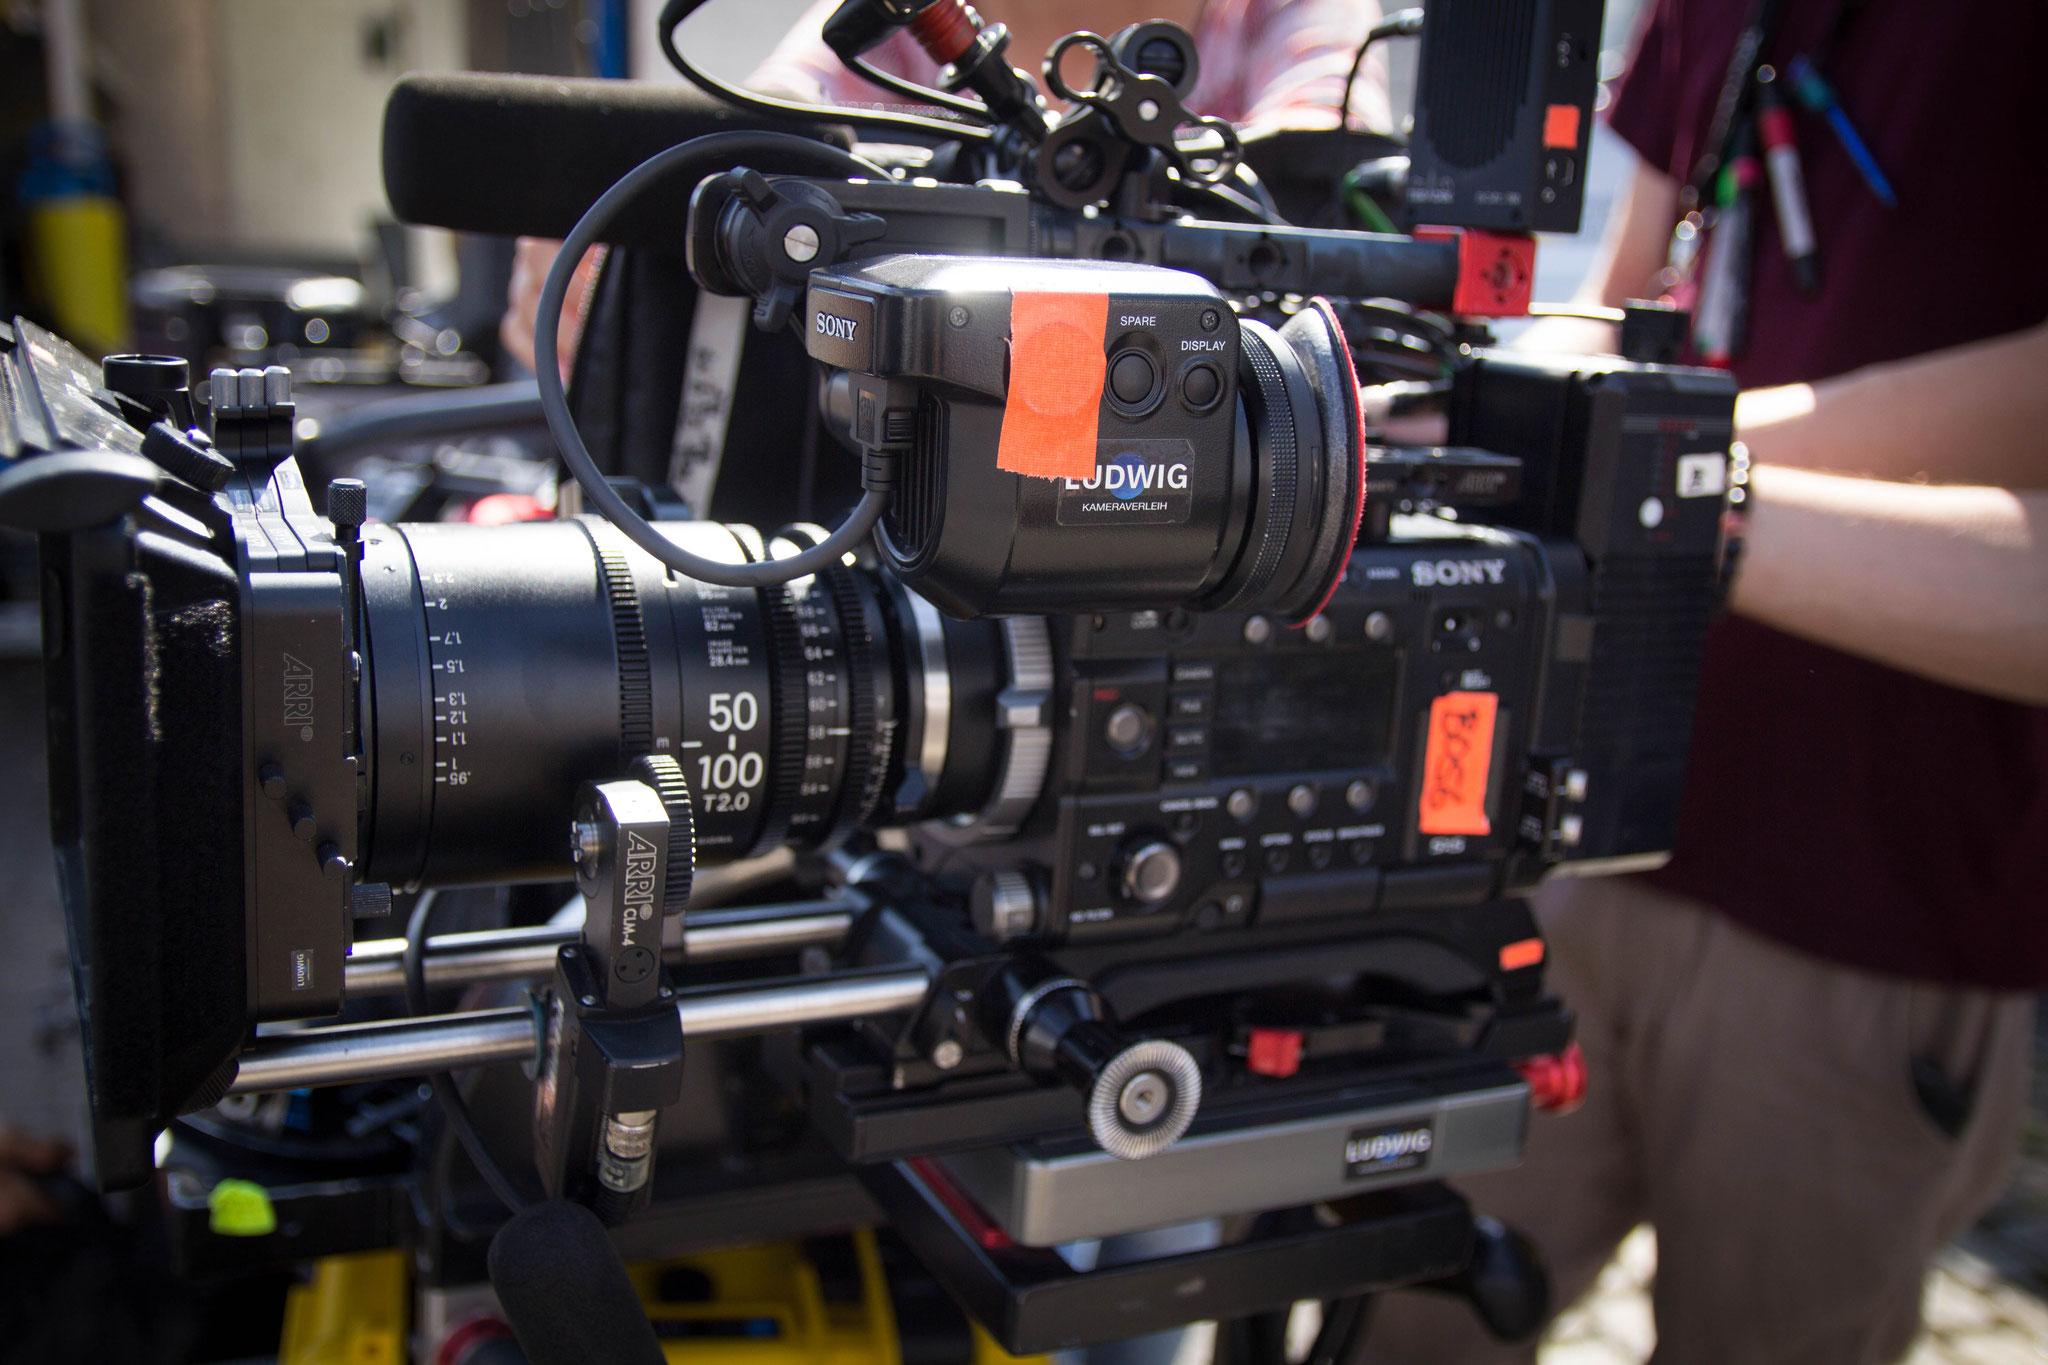 Das neue Sigma 50-100 T2.0 PL an der Sony F55 von Kamera Ludwig